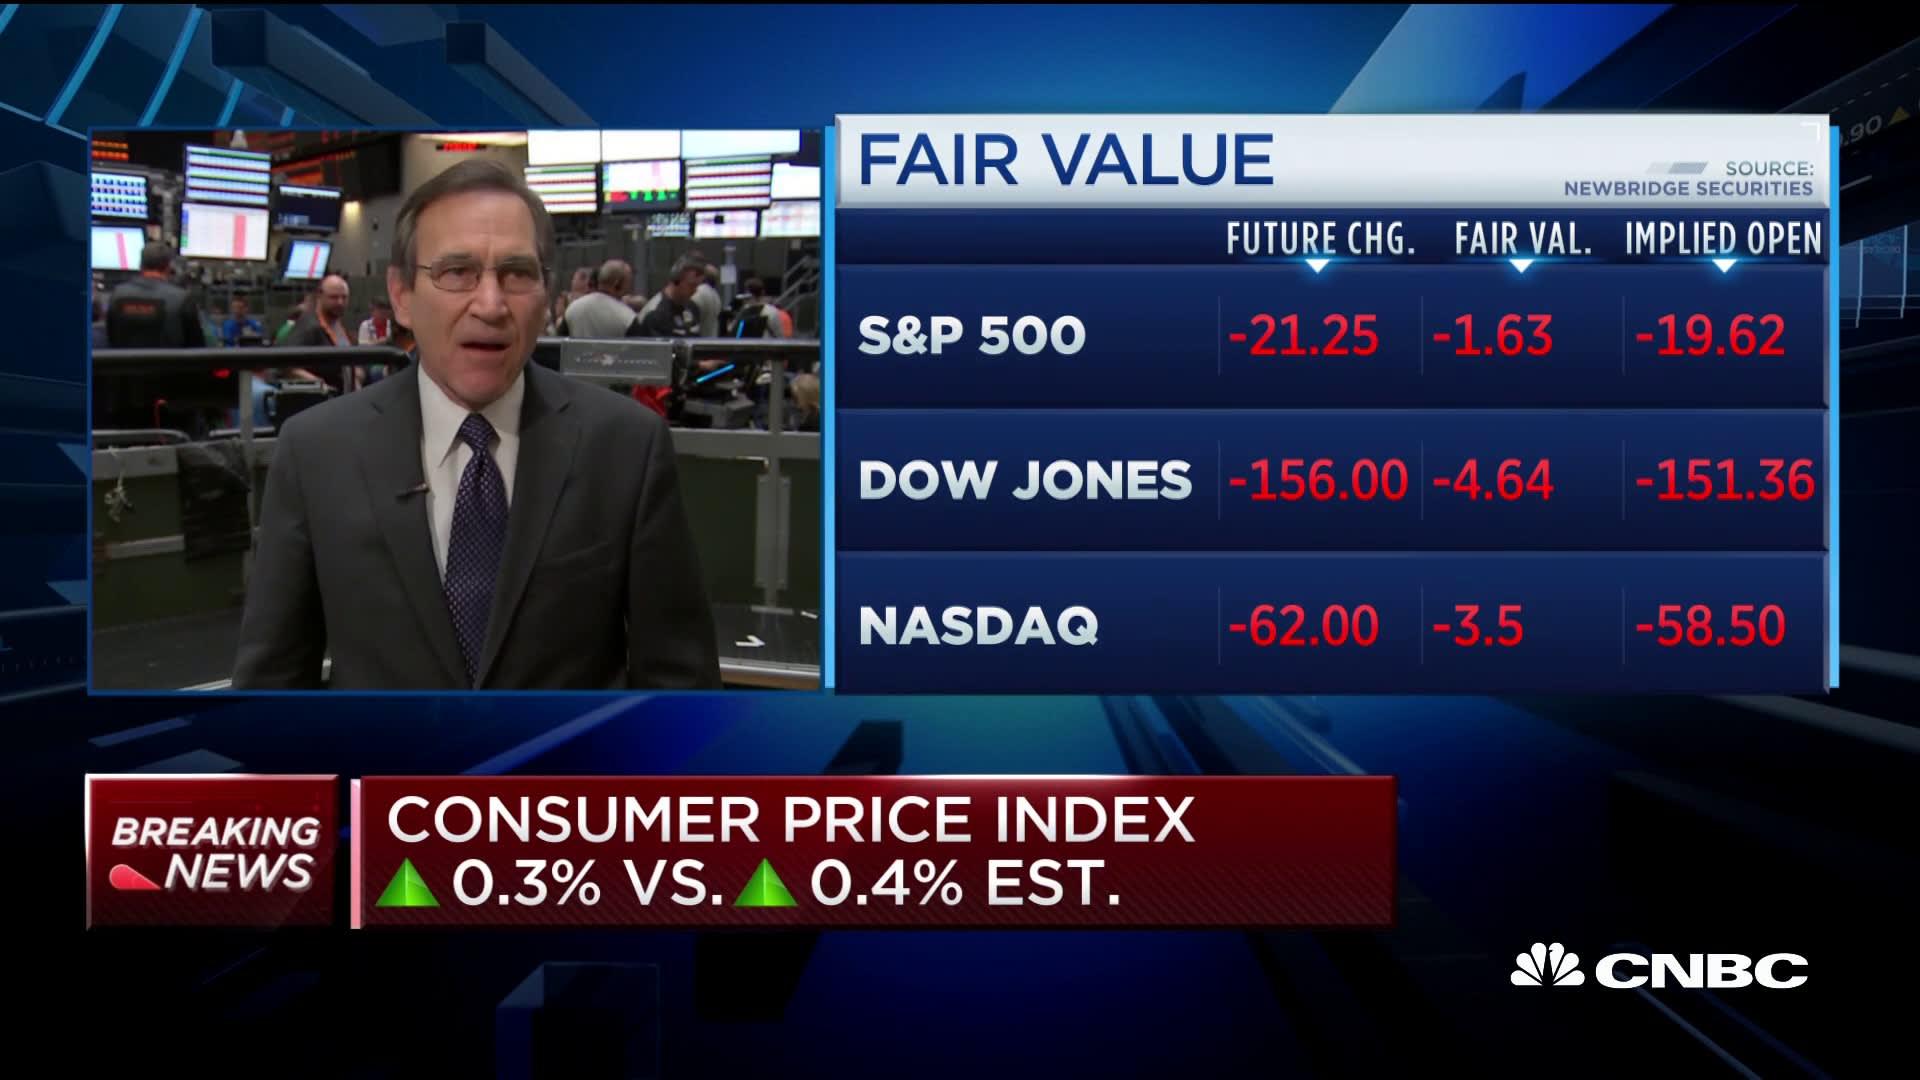 US consumer price index rose 0 3 percent in April